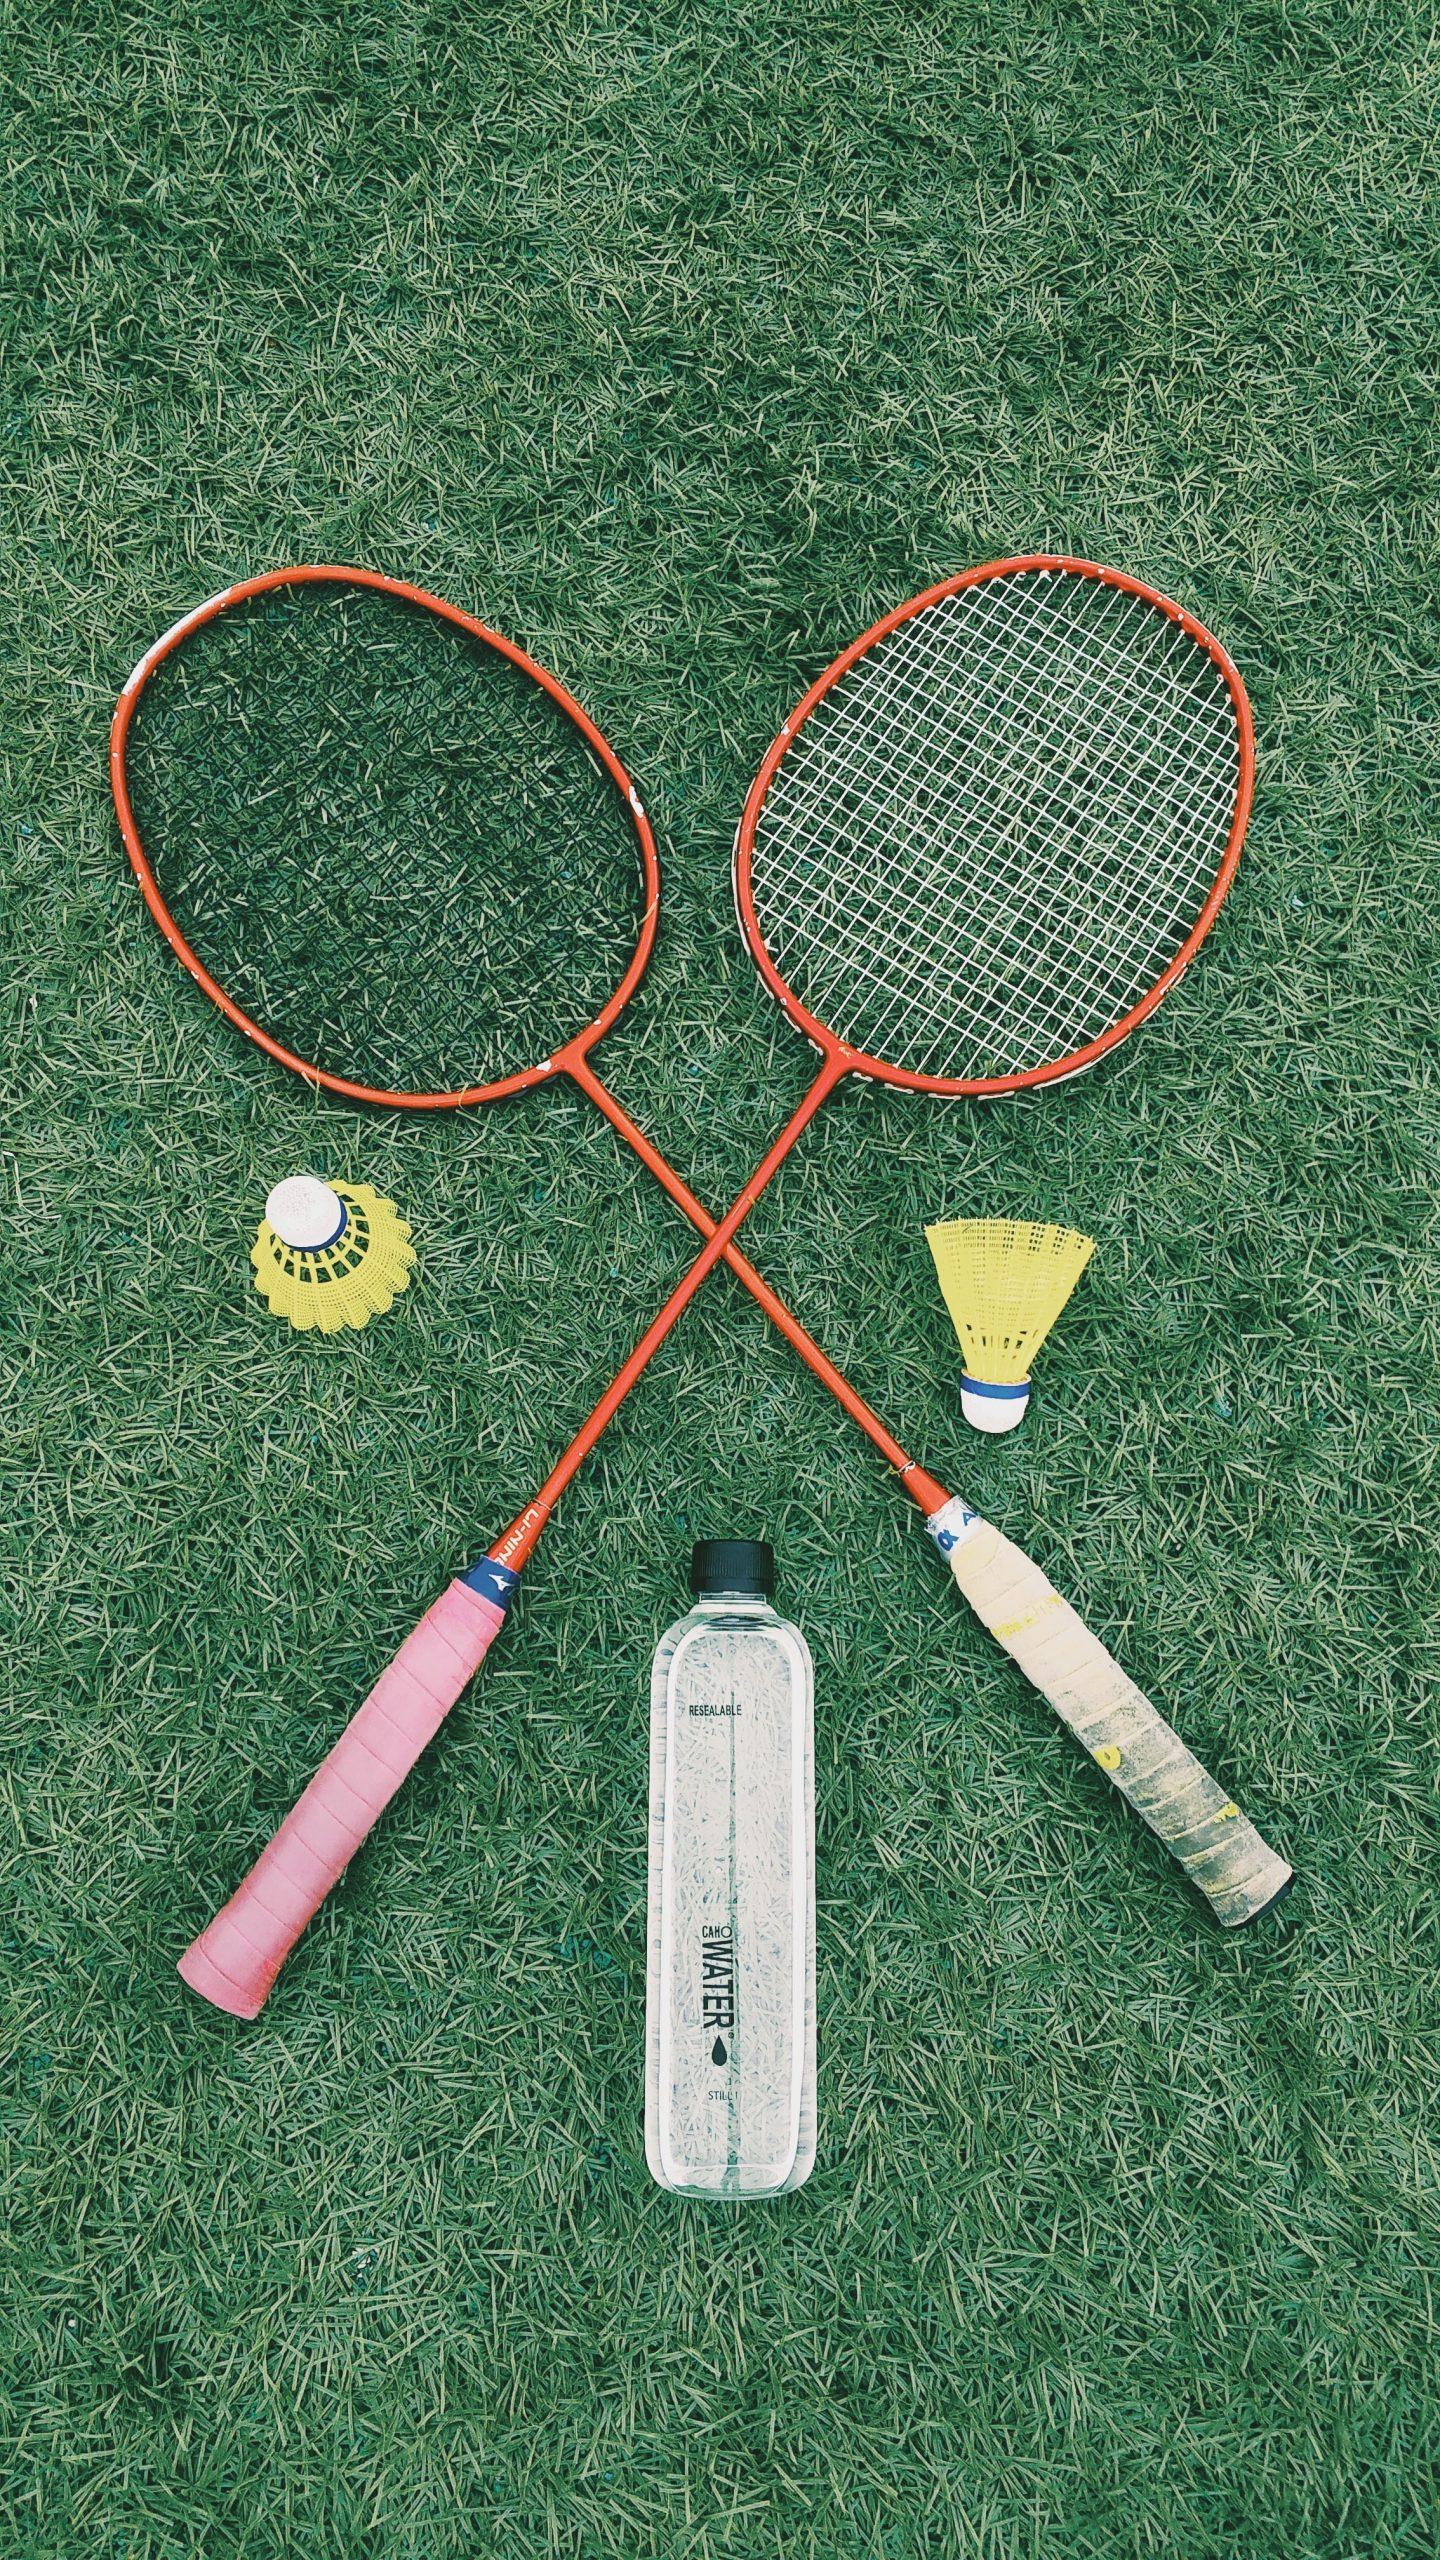 Hav udstyret på plads, når du spiller badminton